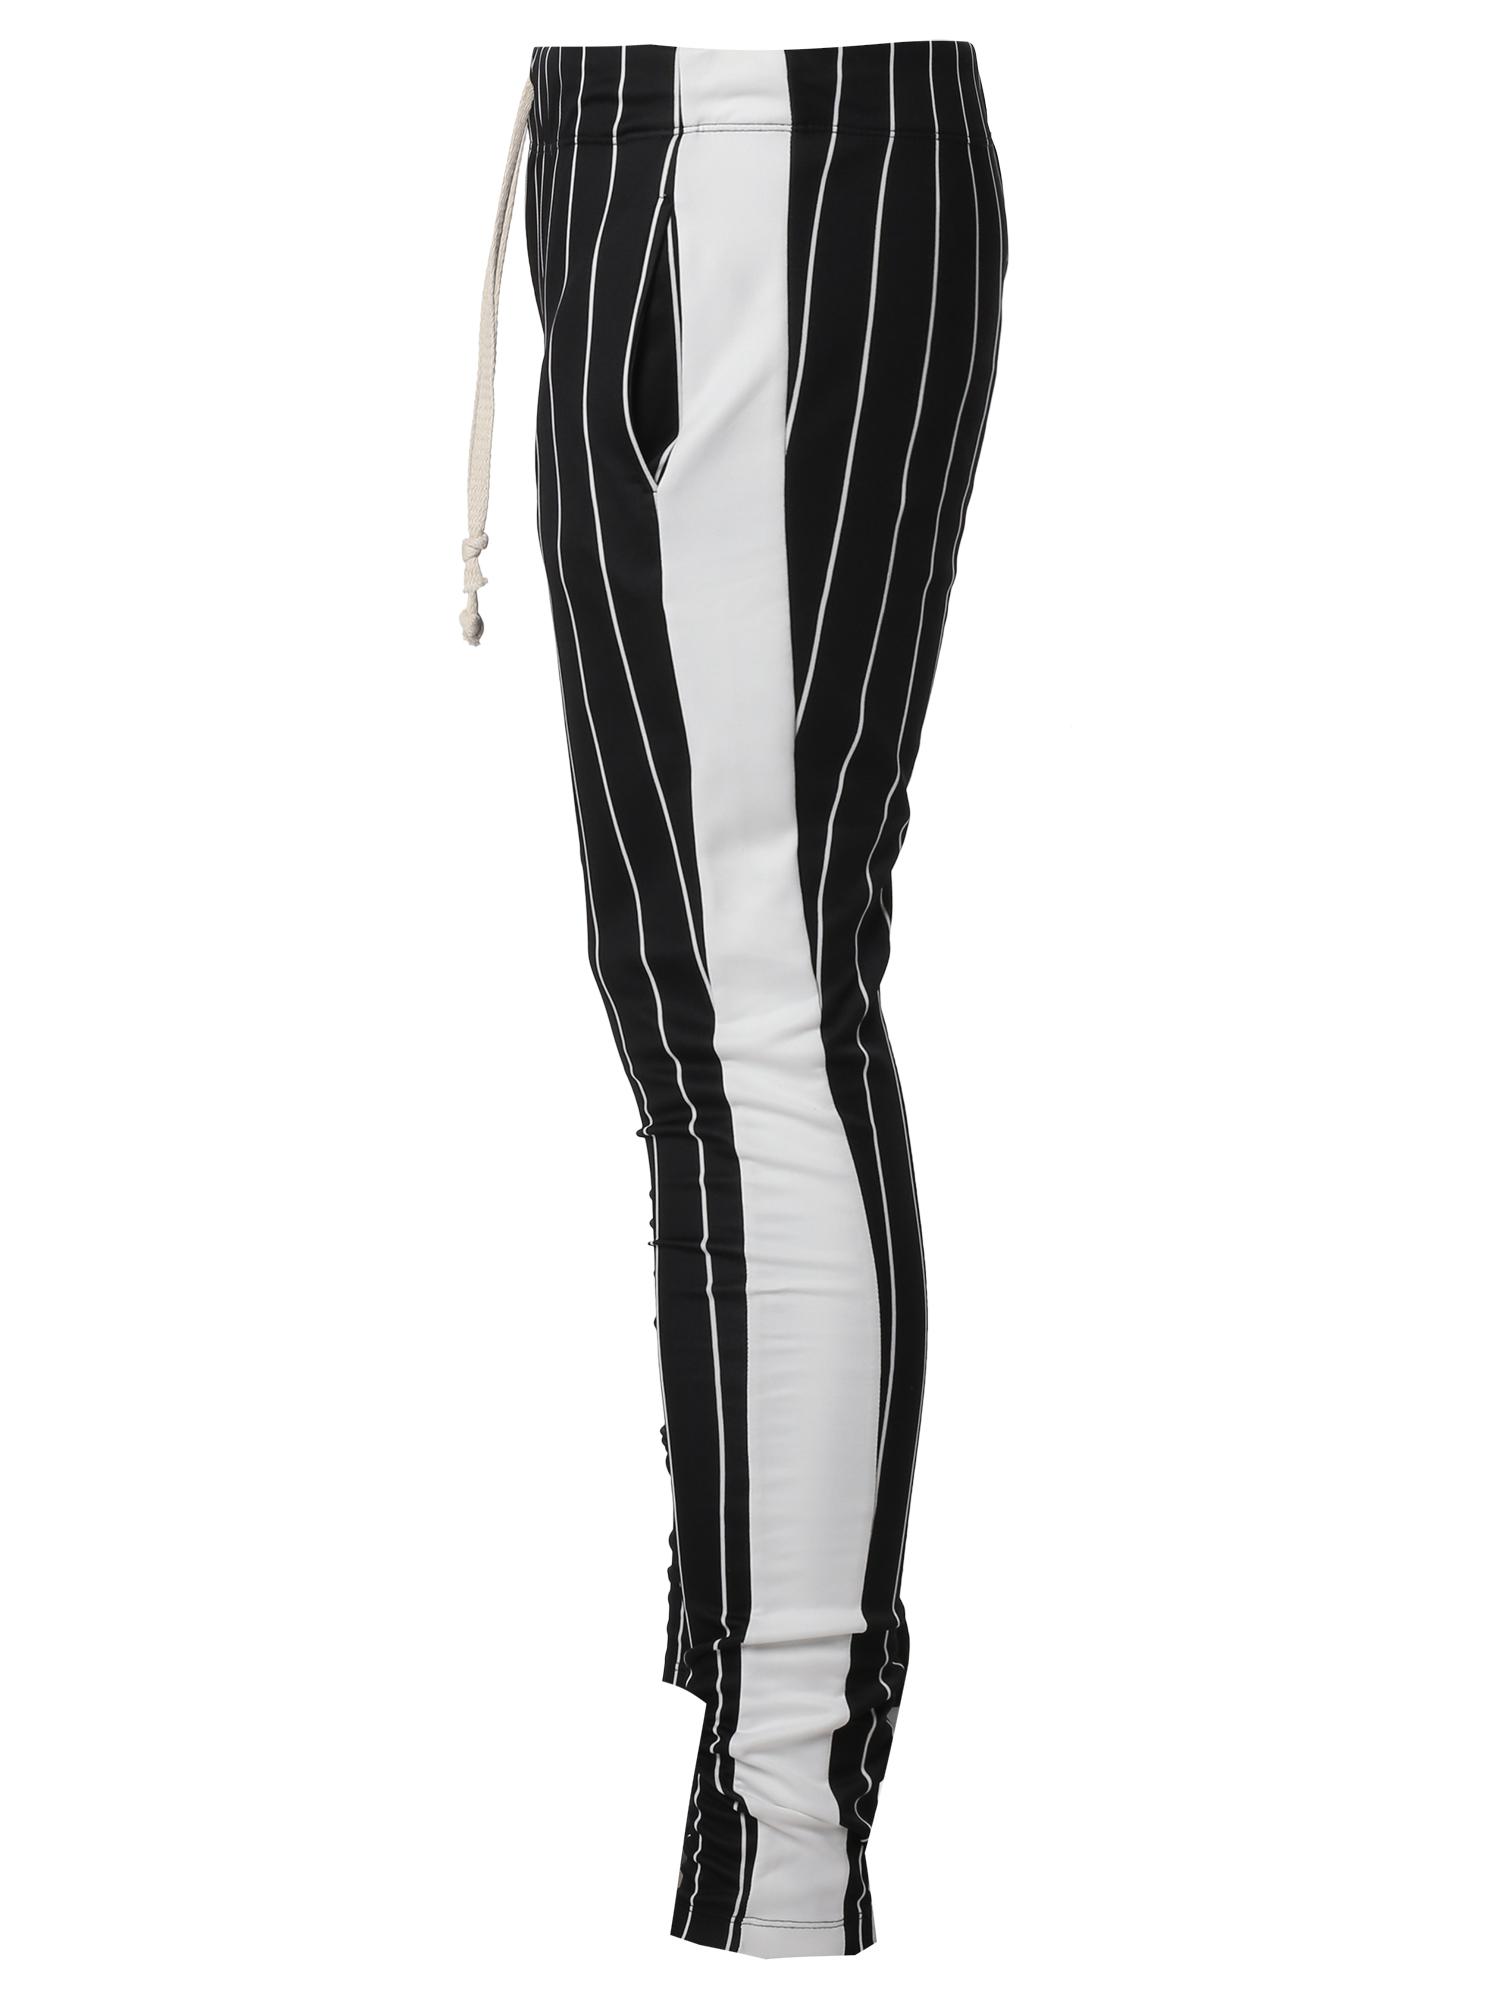 Fashionoutfit Men S Side Panel Pin Stripe Drawstring Ankle